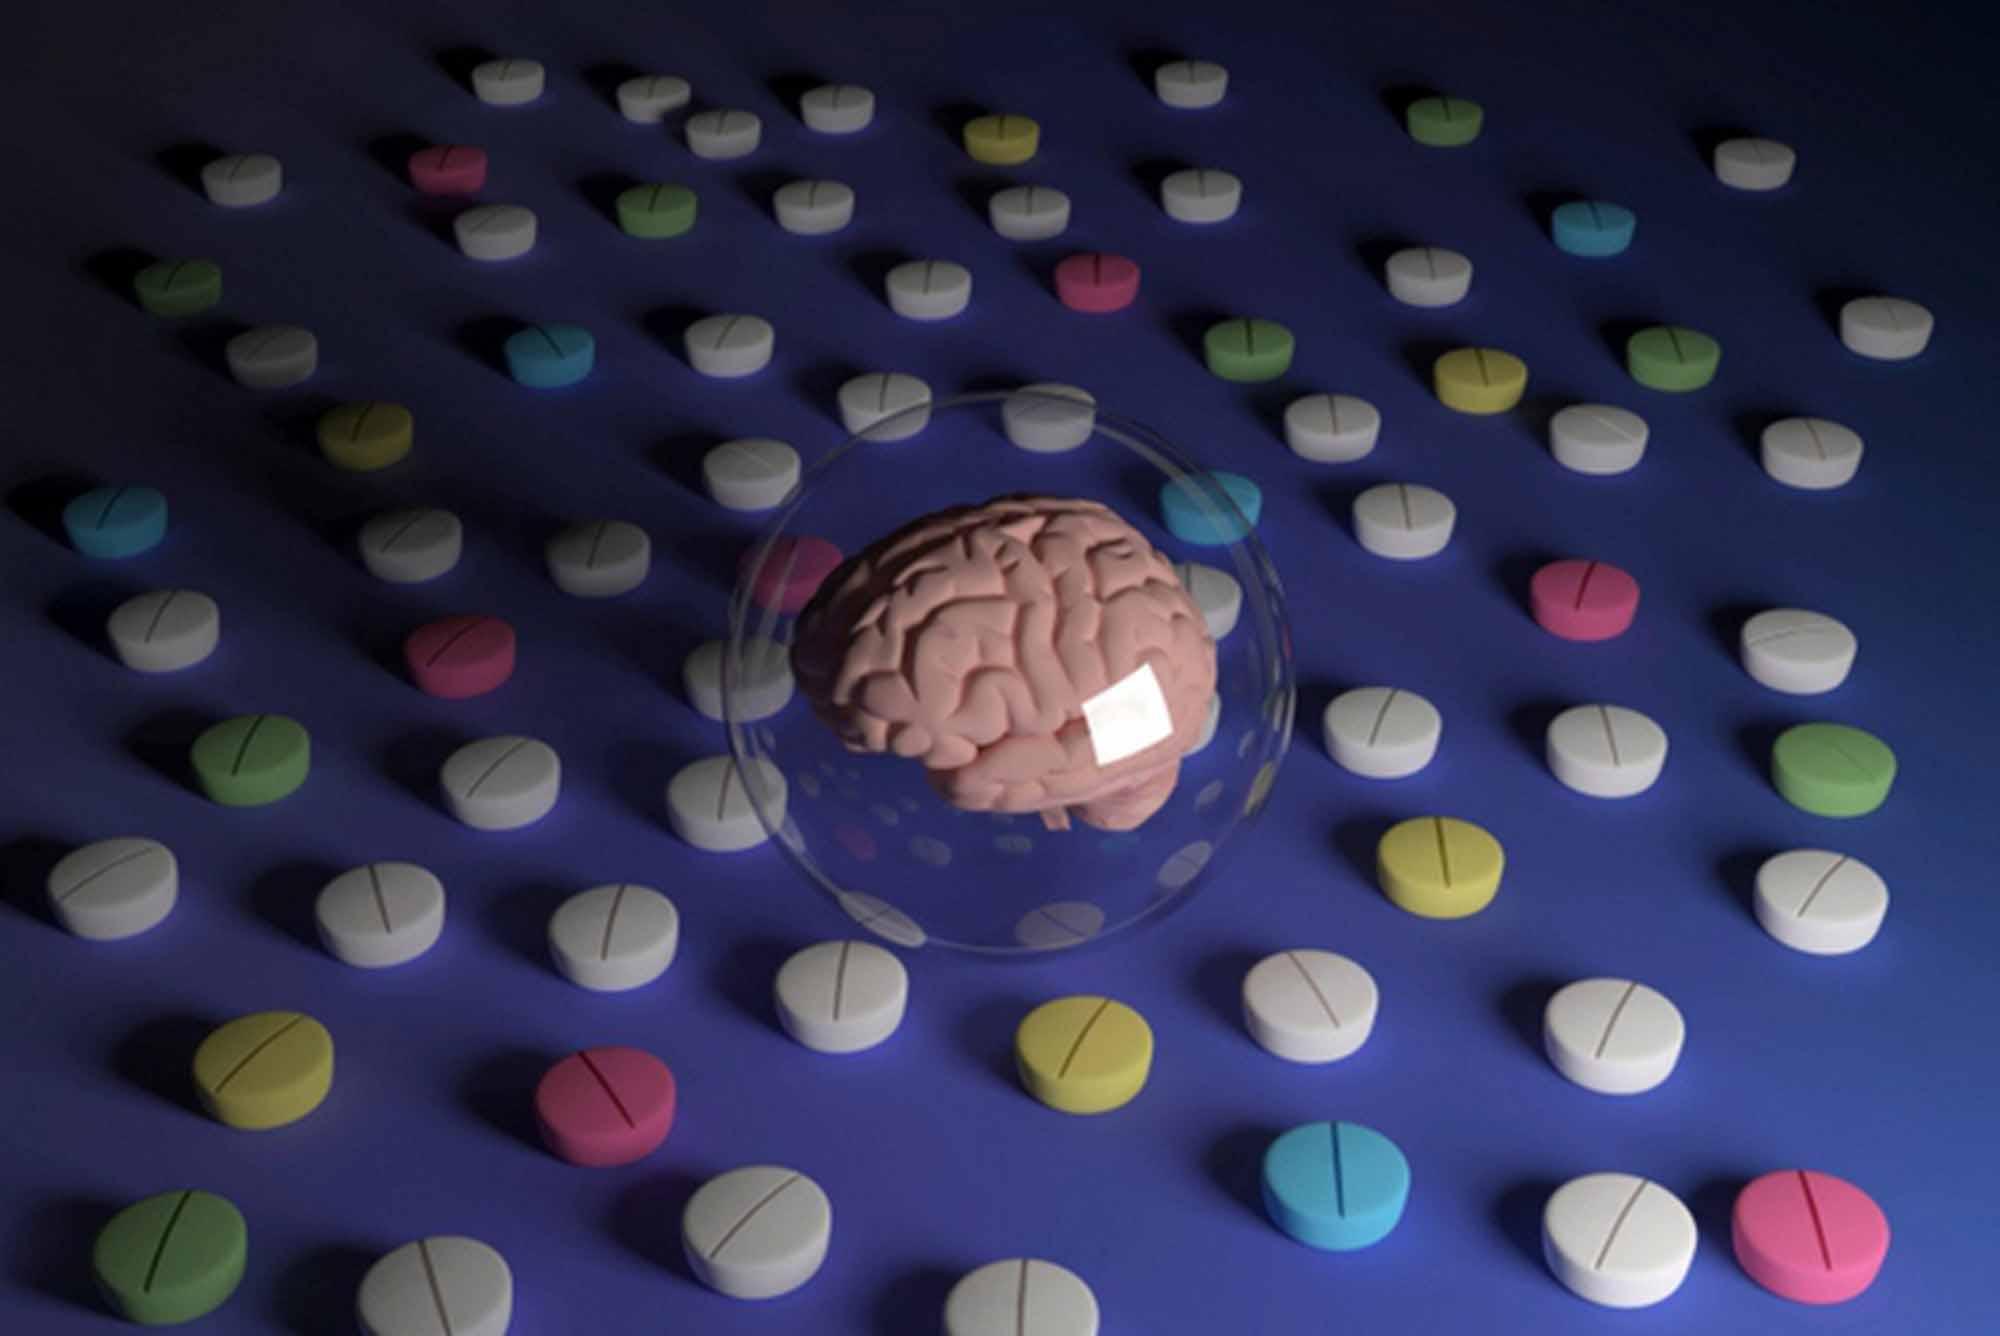 Научные способы побороть усталость: ноотропы, кофе и нейротехнологии